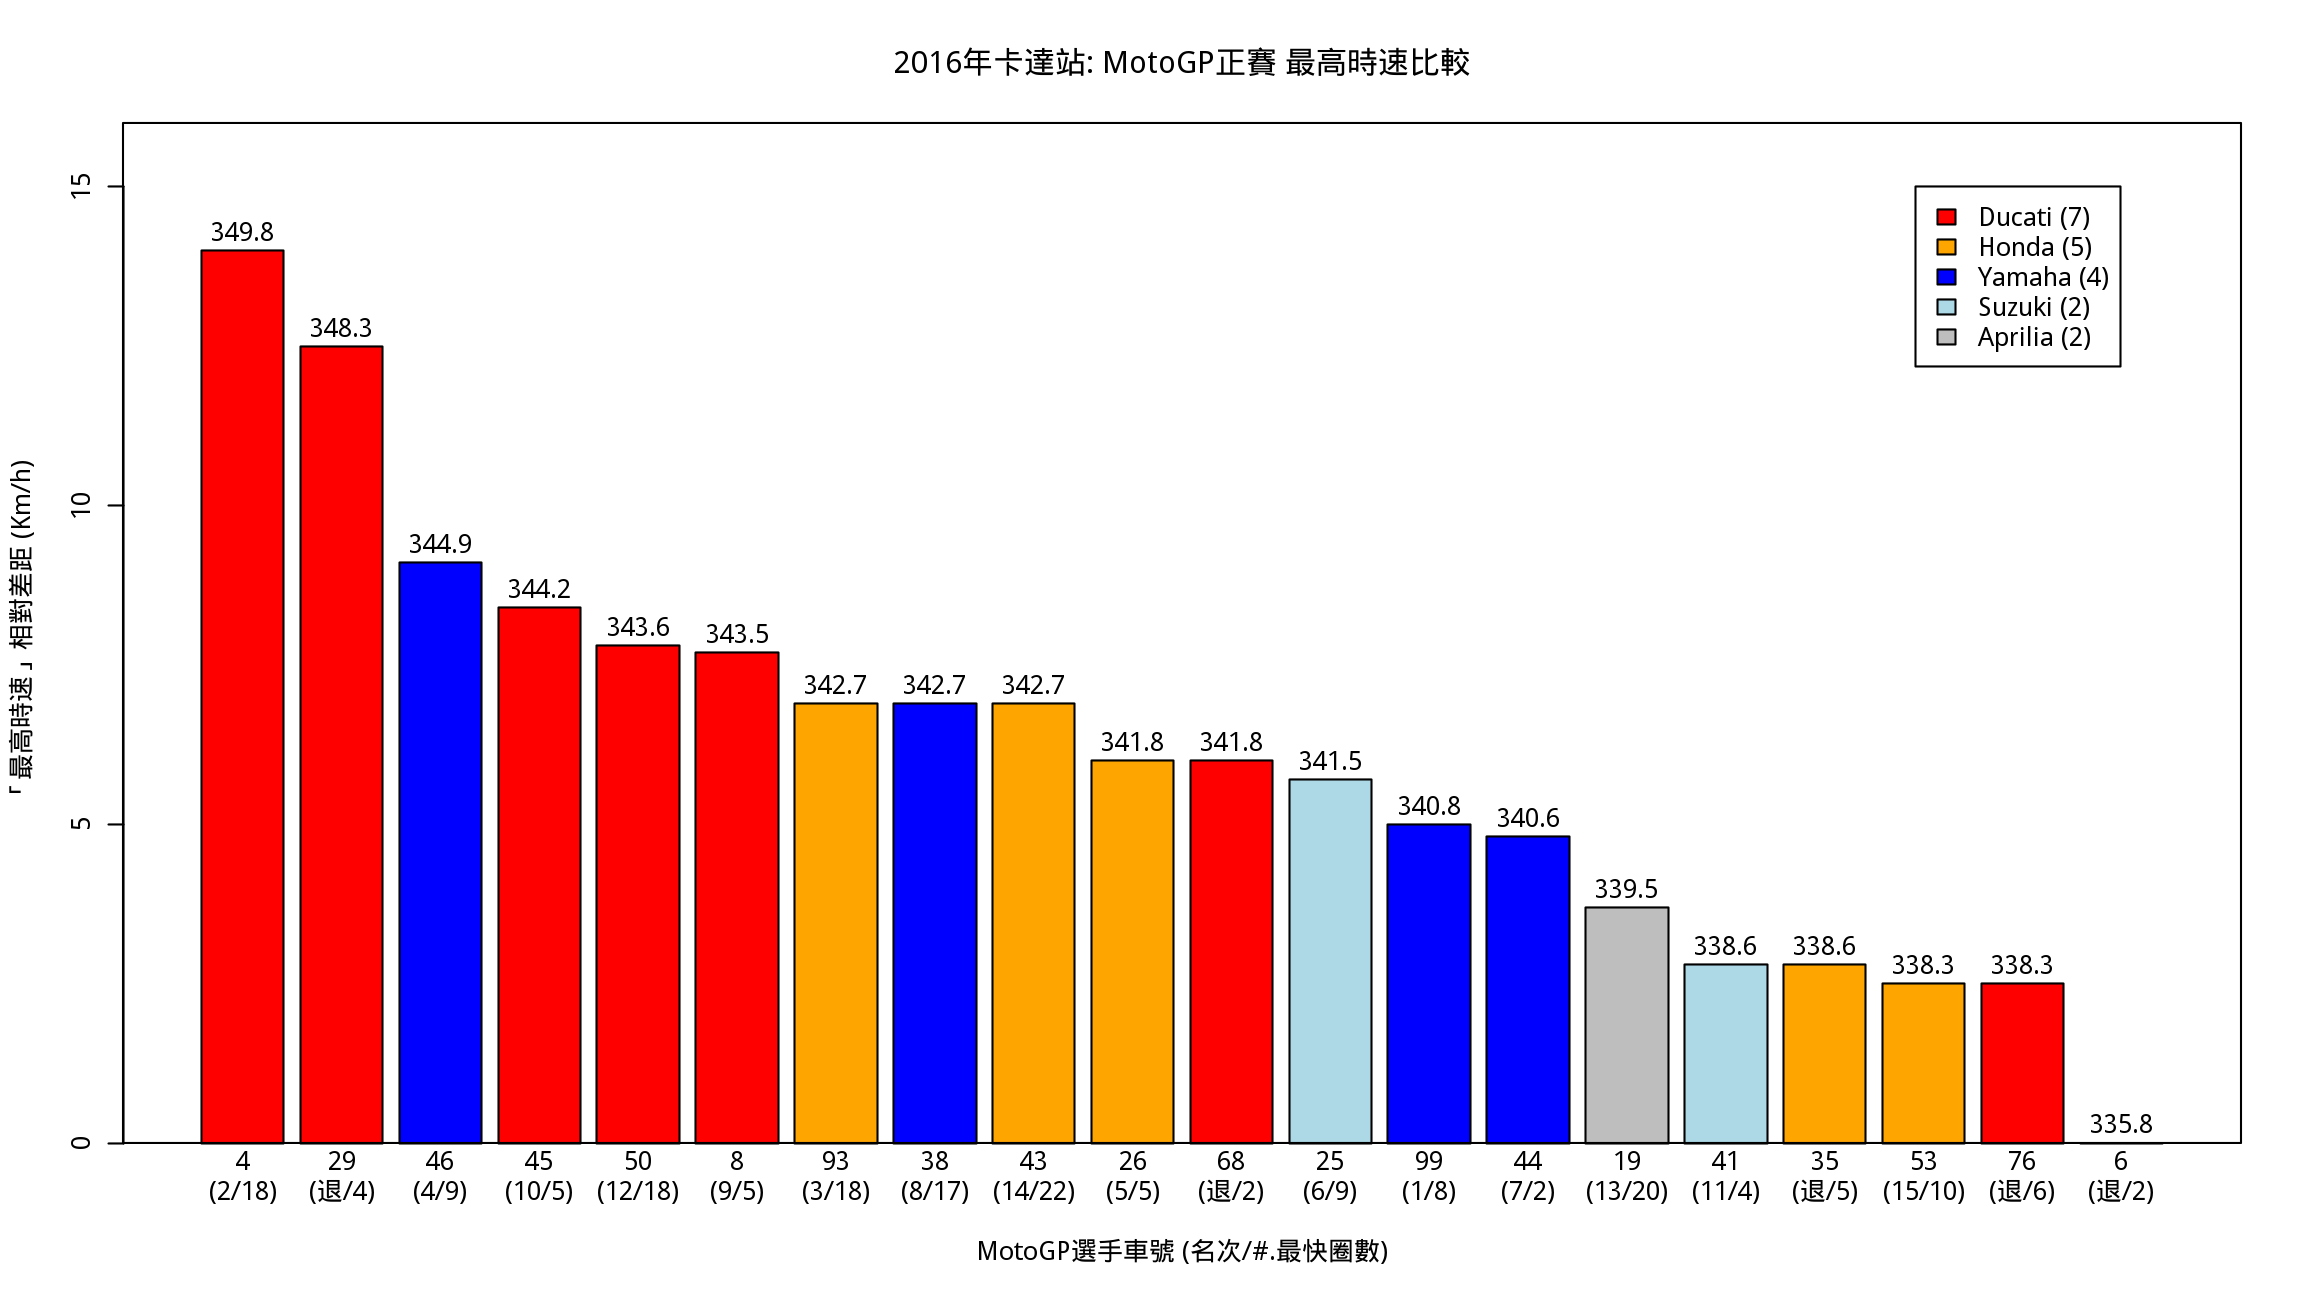 圖二. 2016卡達站 MotoGP正賽「最高時速」比較.